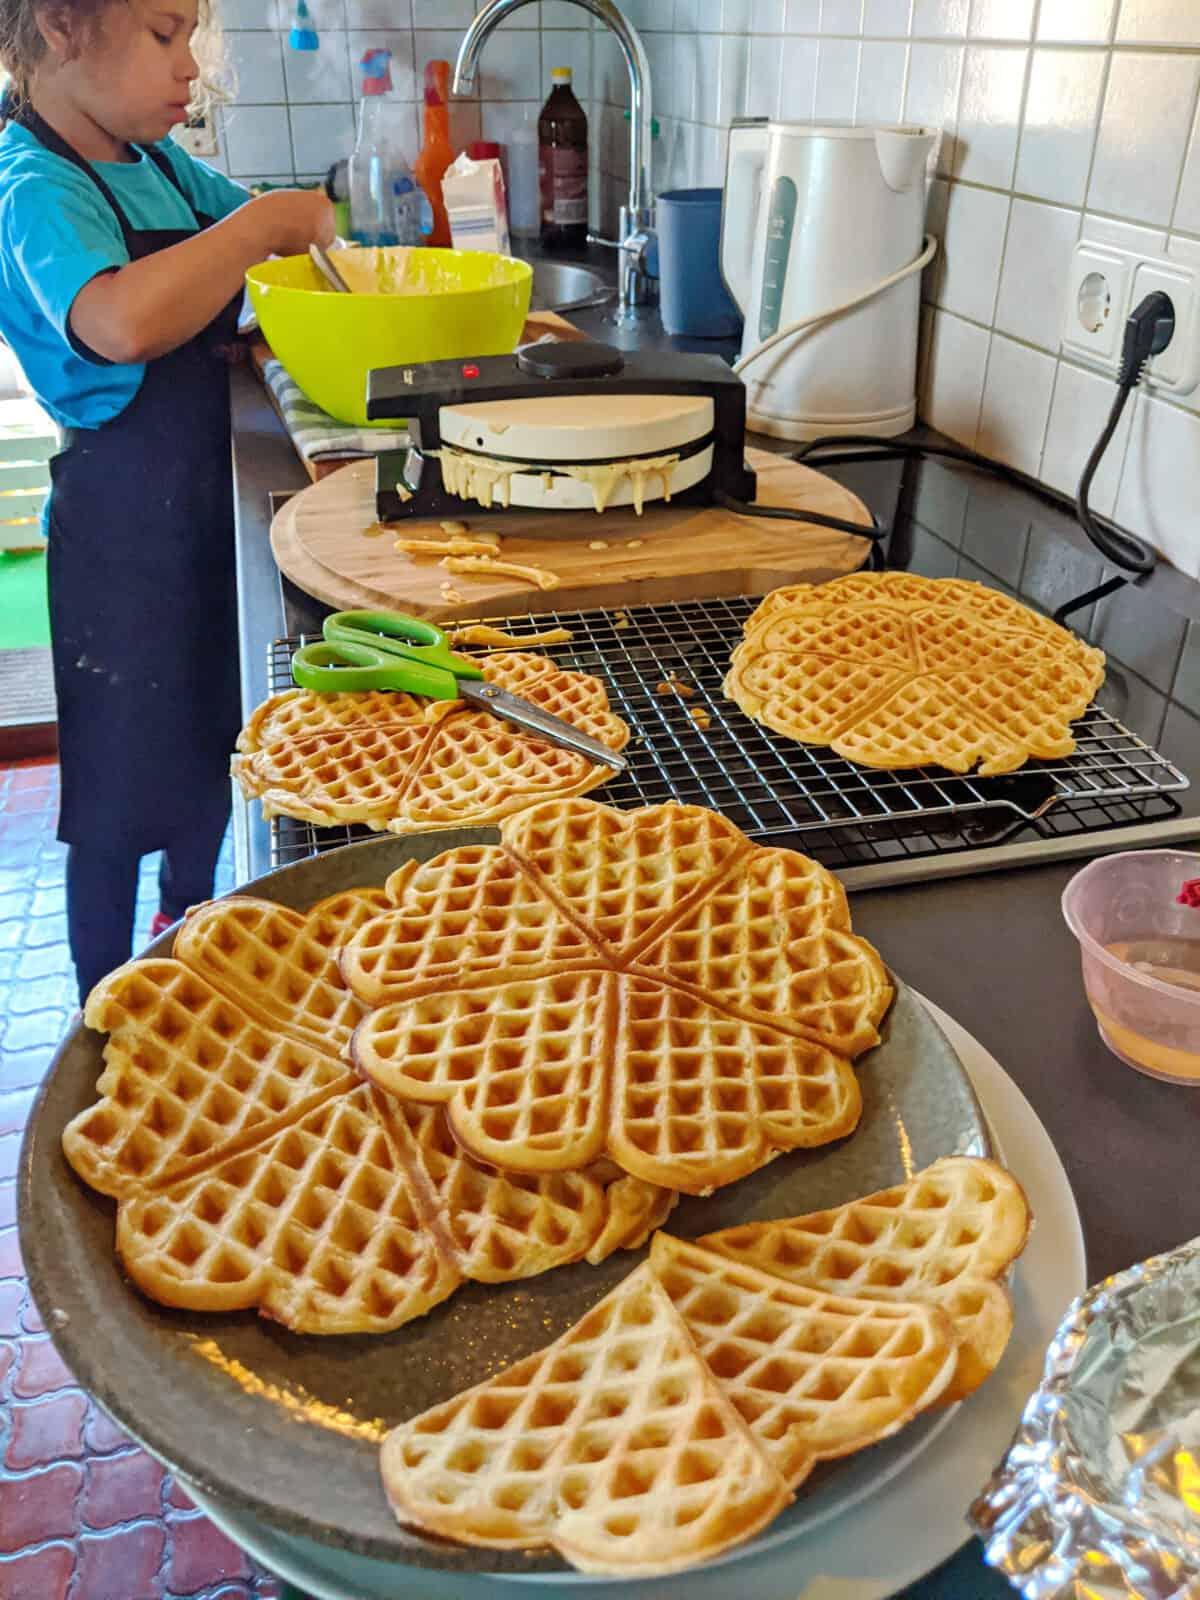 Die Zubereitung der Waffeln in der Küche